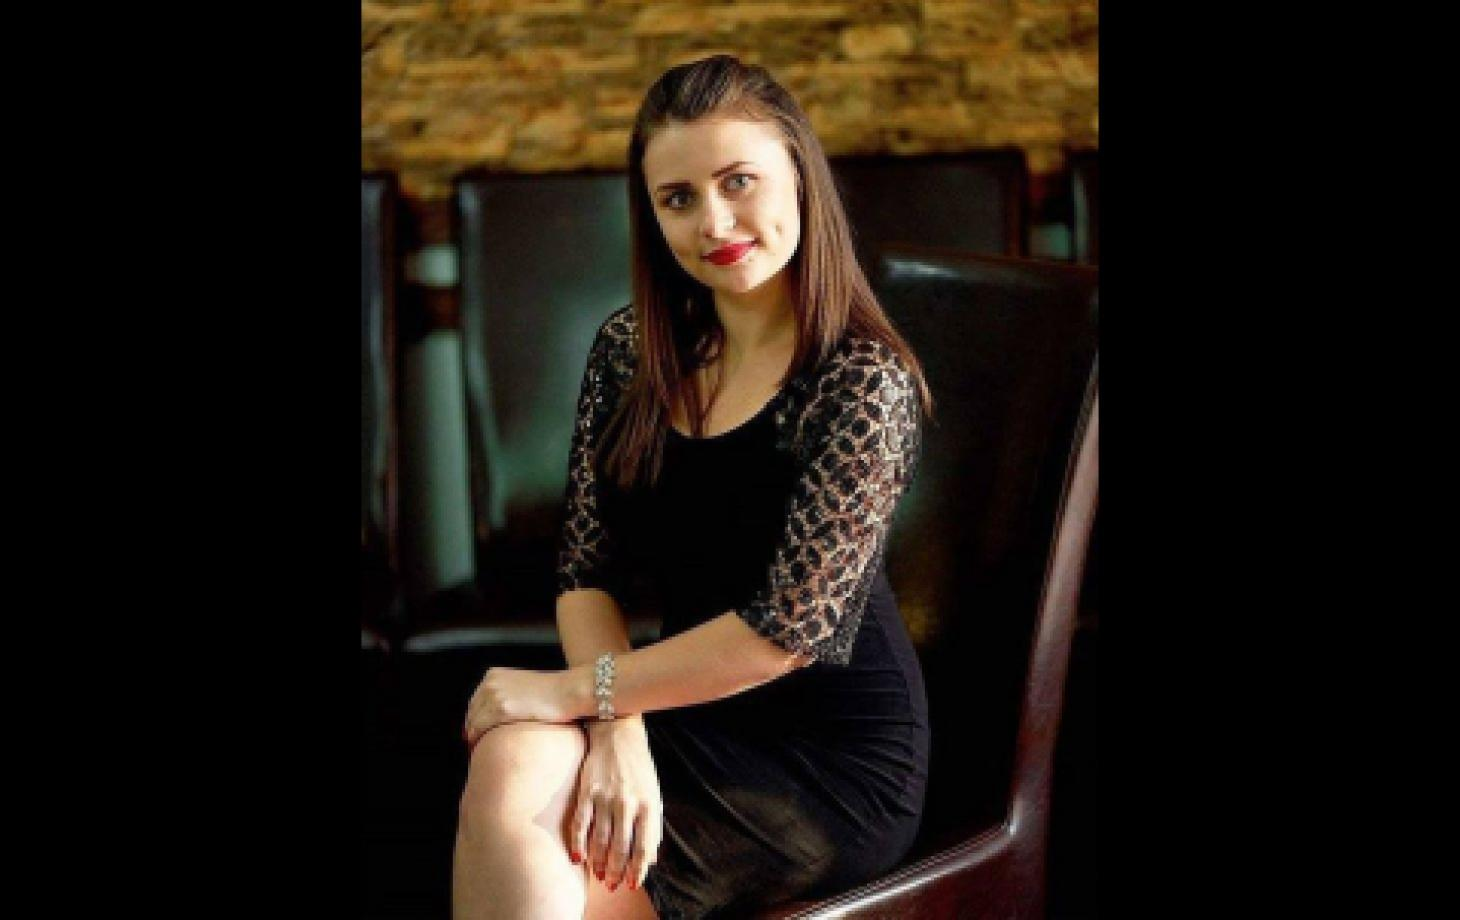 Алиса Солодянкин, 19 лет